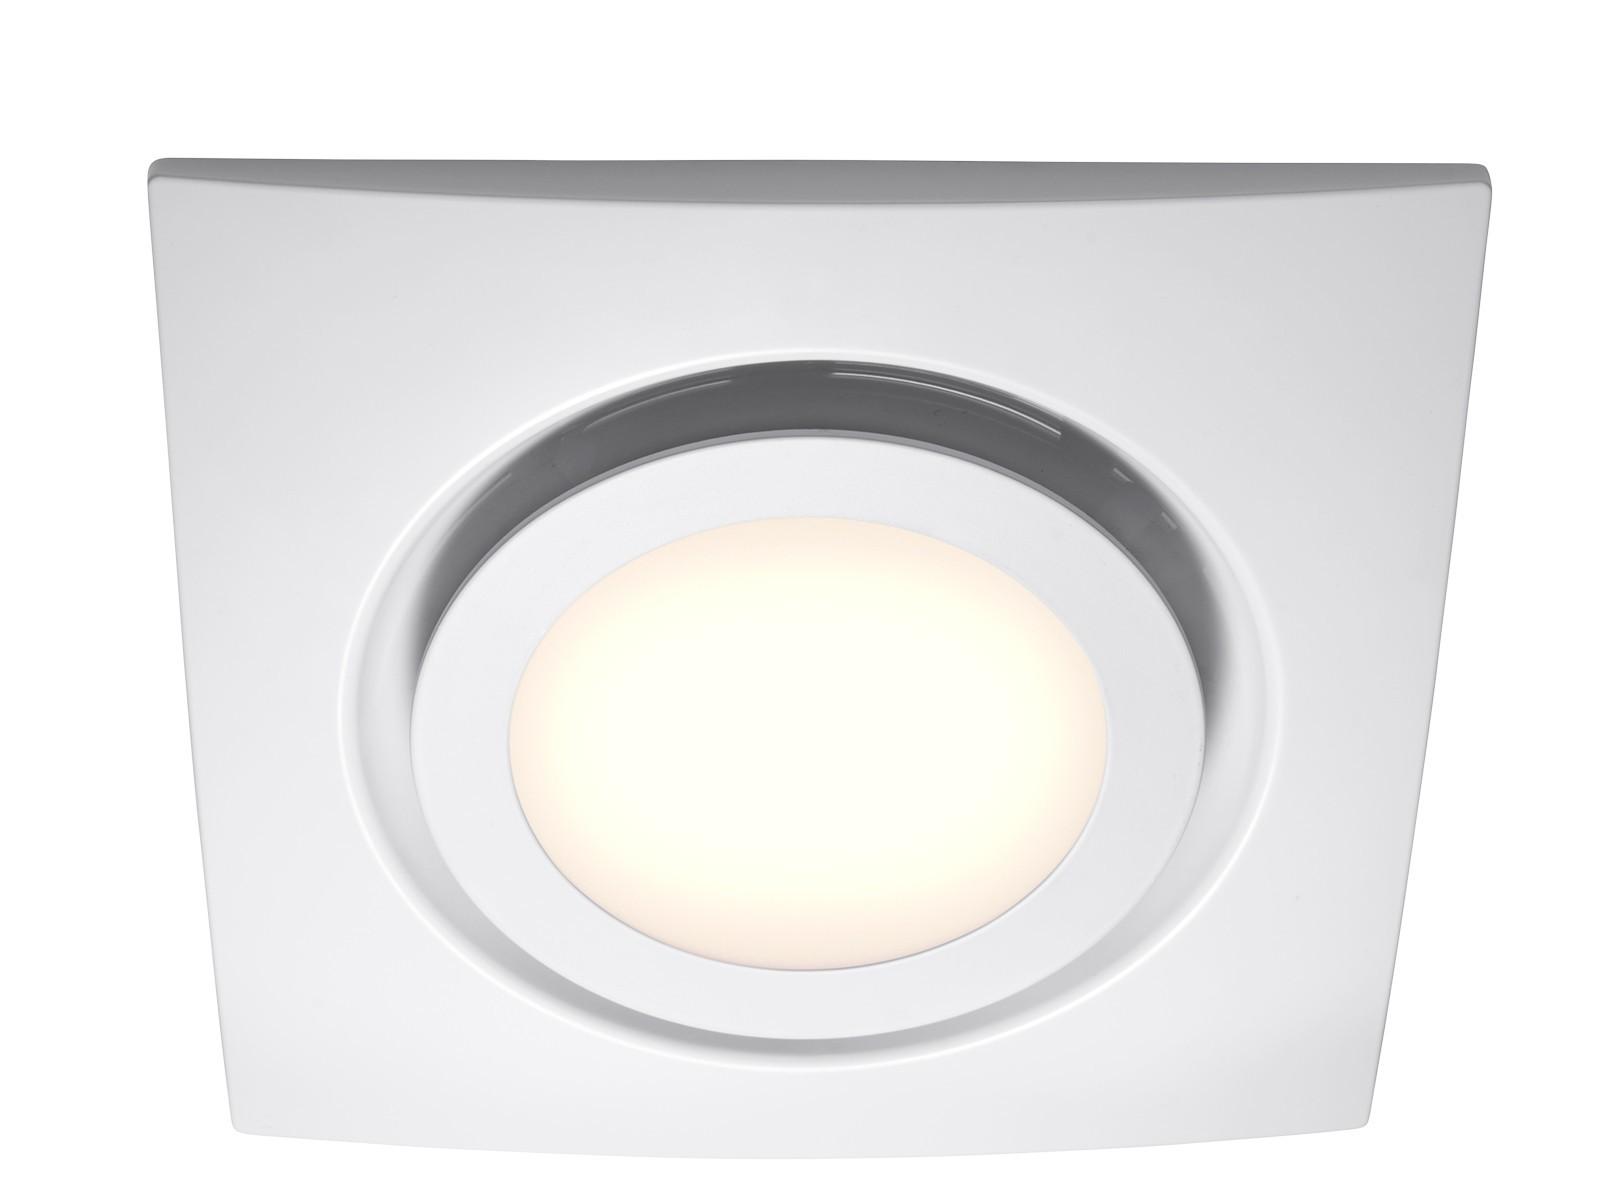 Bathroom Fan with Led Light Stylish White Exhaust Fan with Led Light Bathroom Lighting Inspiration